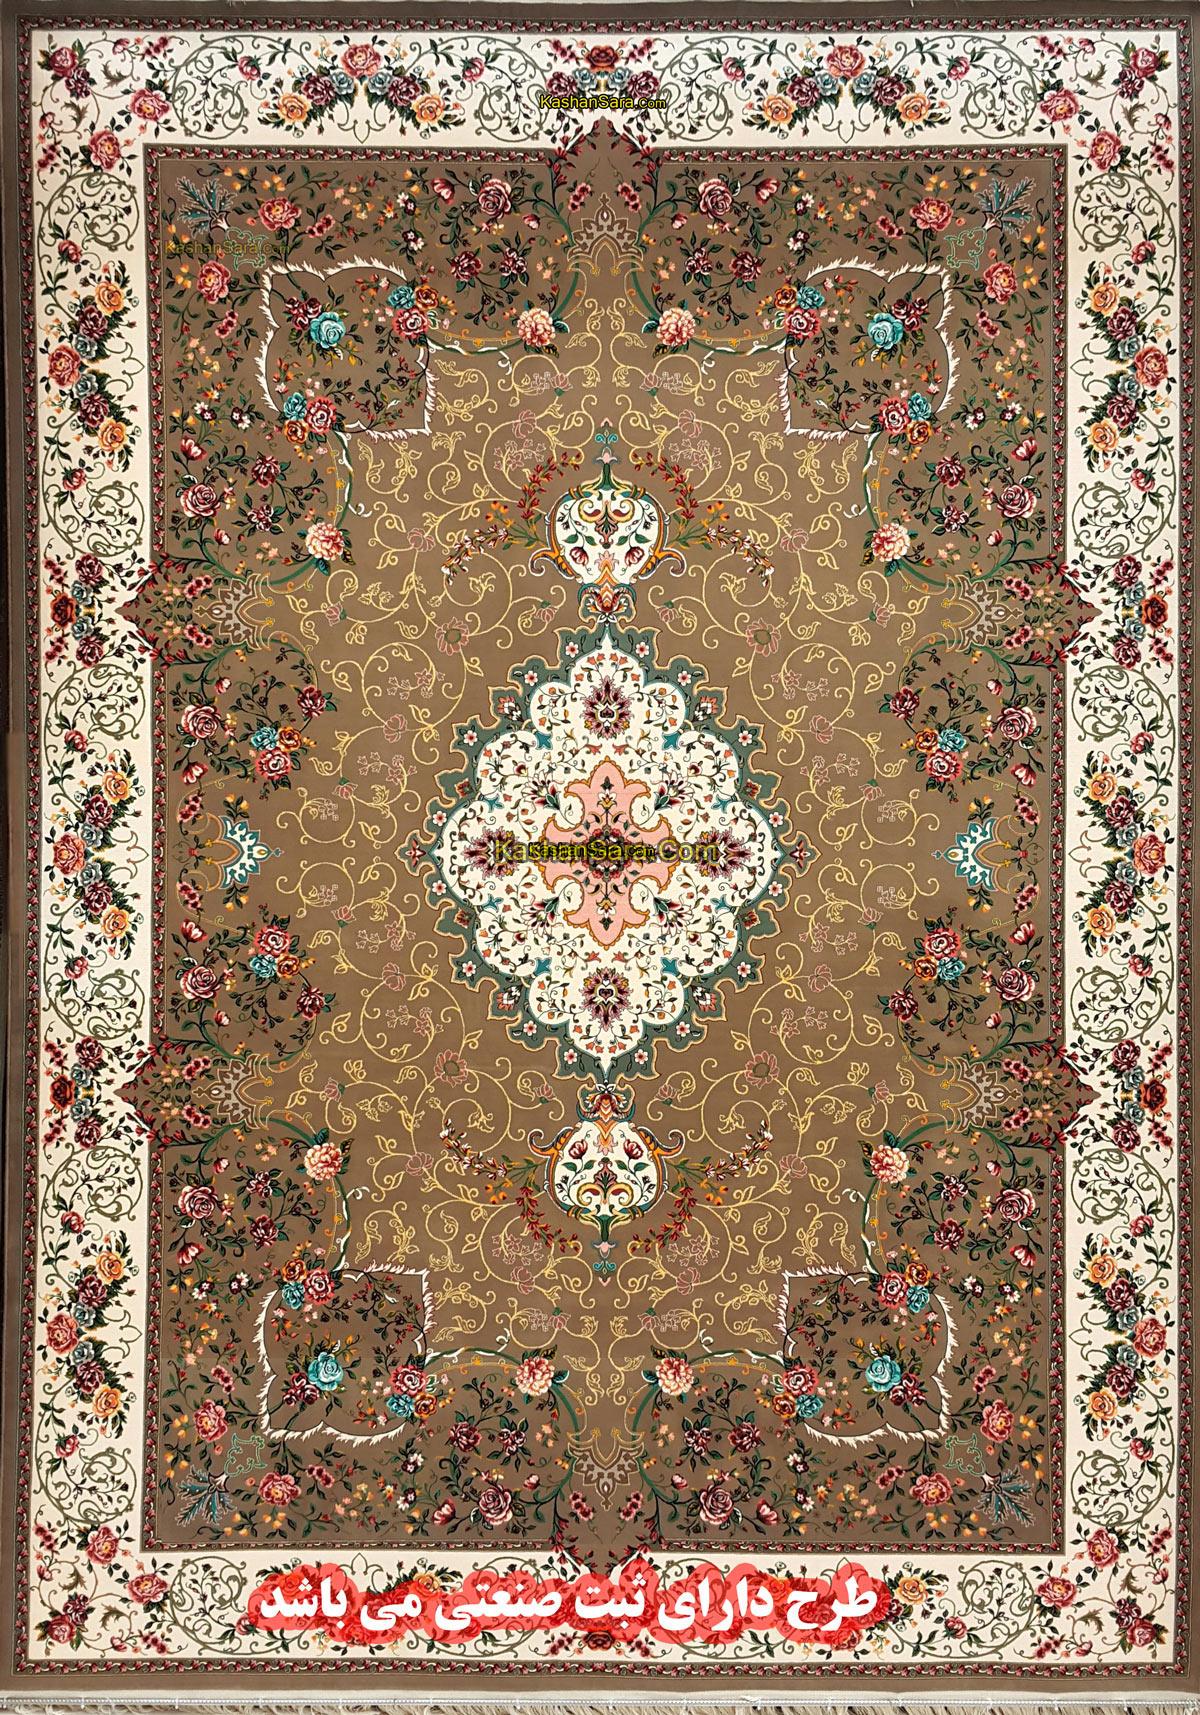 فرش ماشینی ۱۲۰۰ شانه تراکم ۳۶۰۰ نقشه زیبای ۱۲۲۴۹